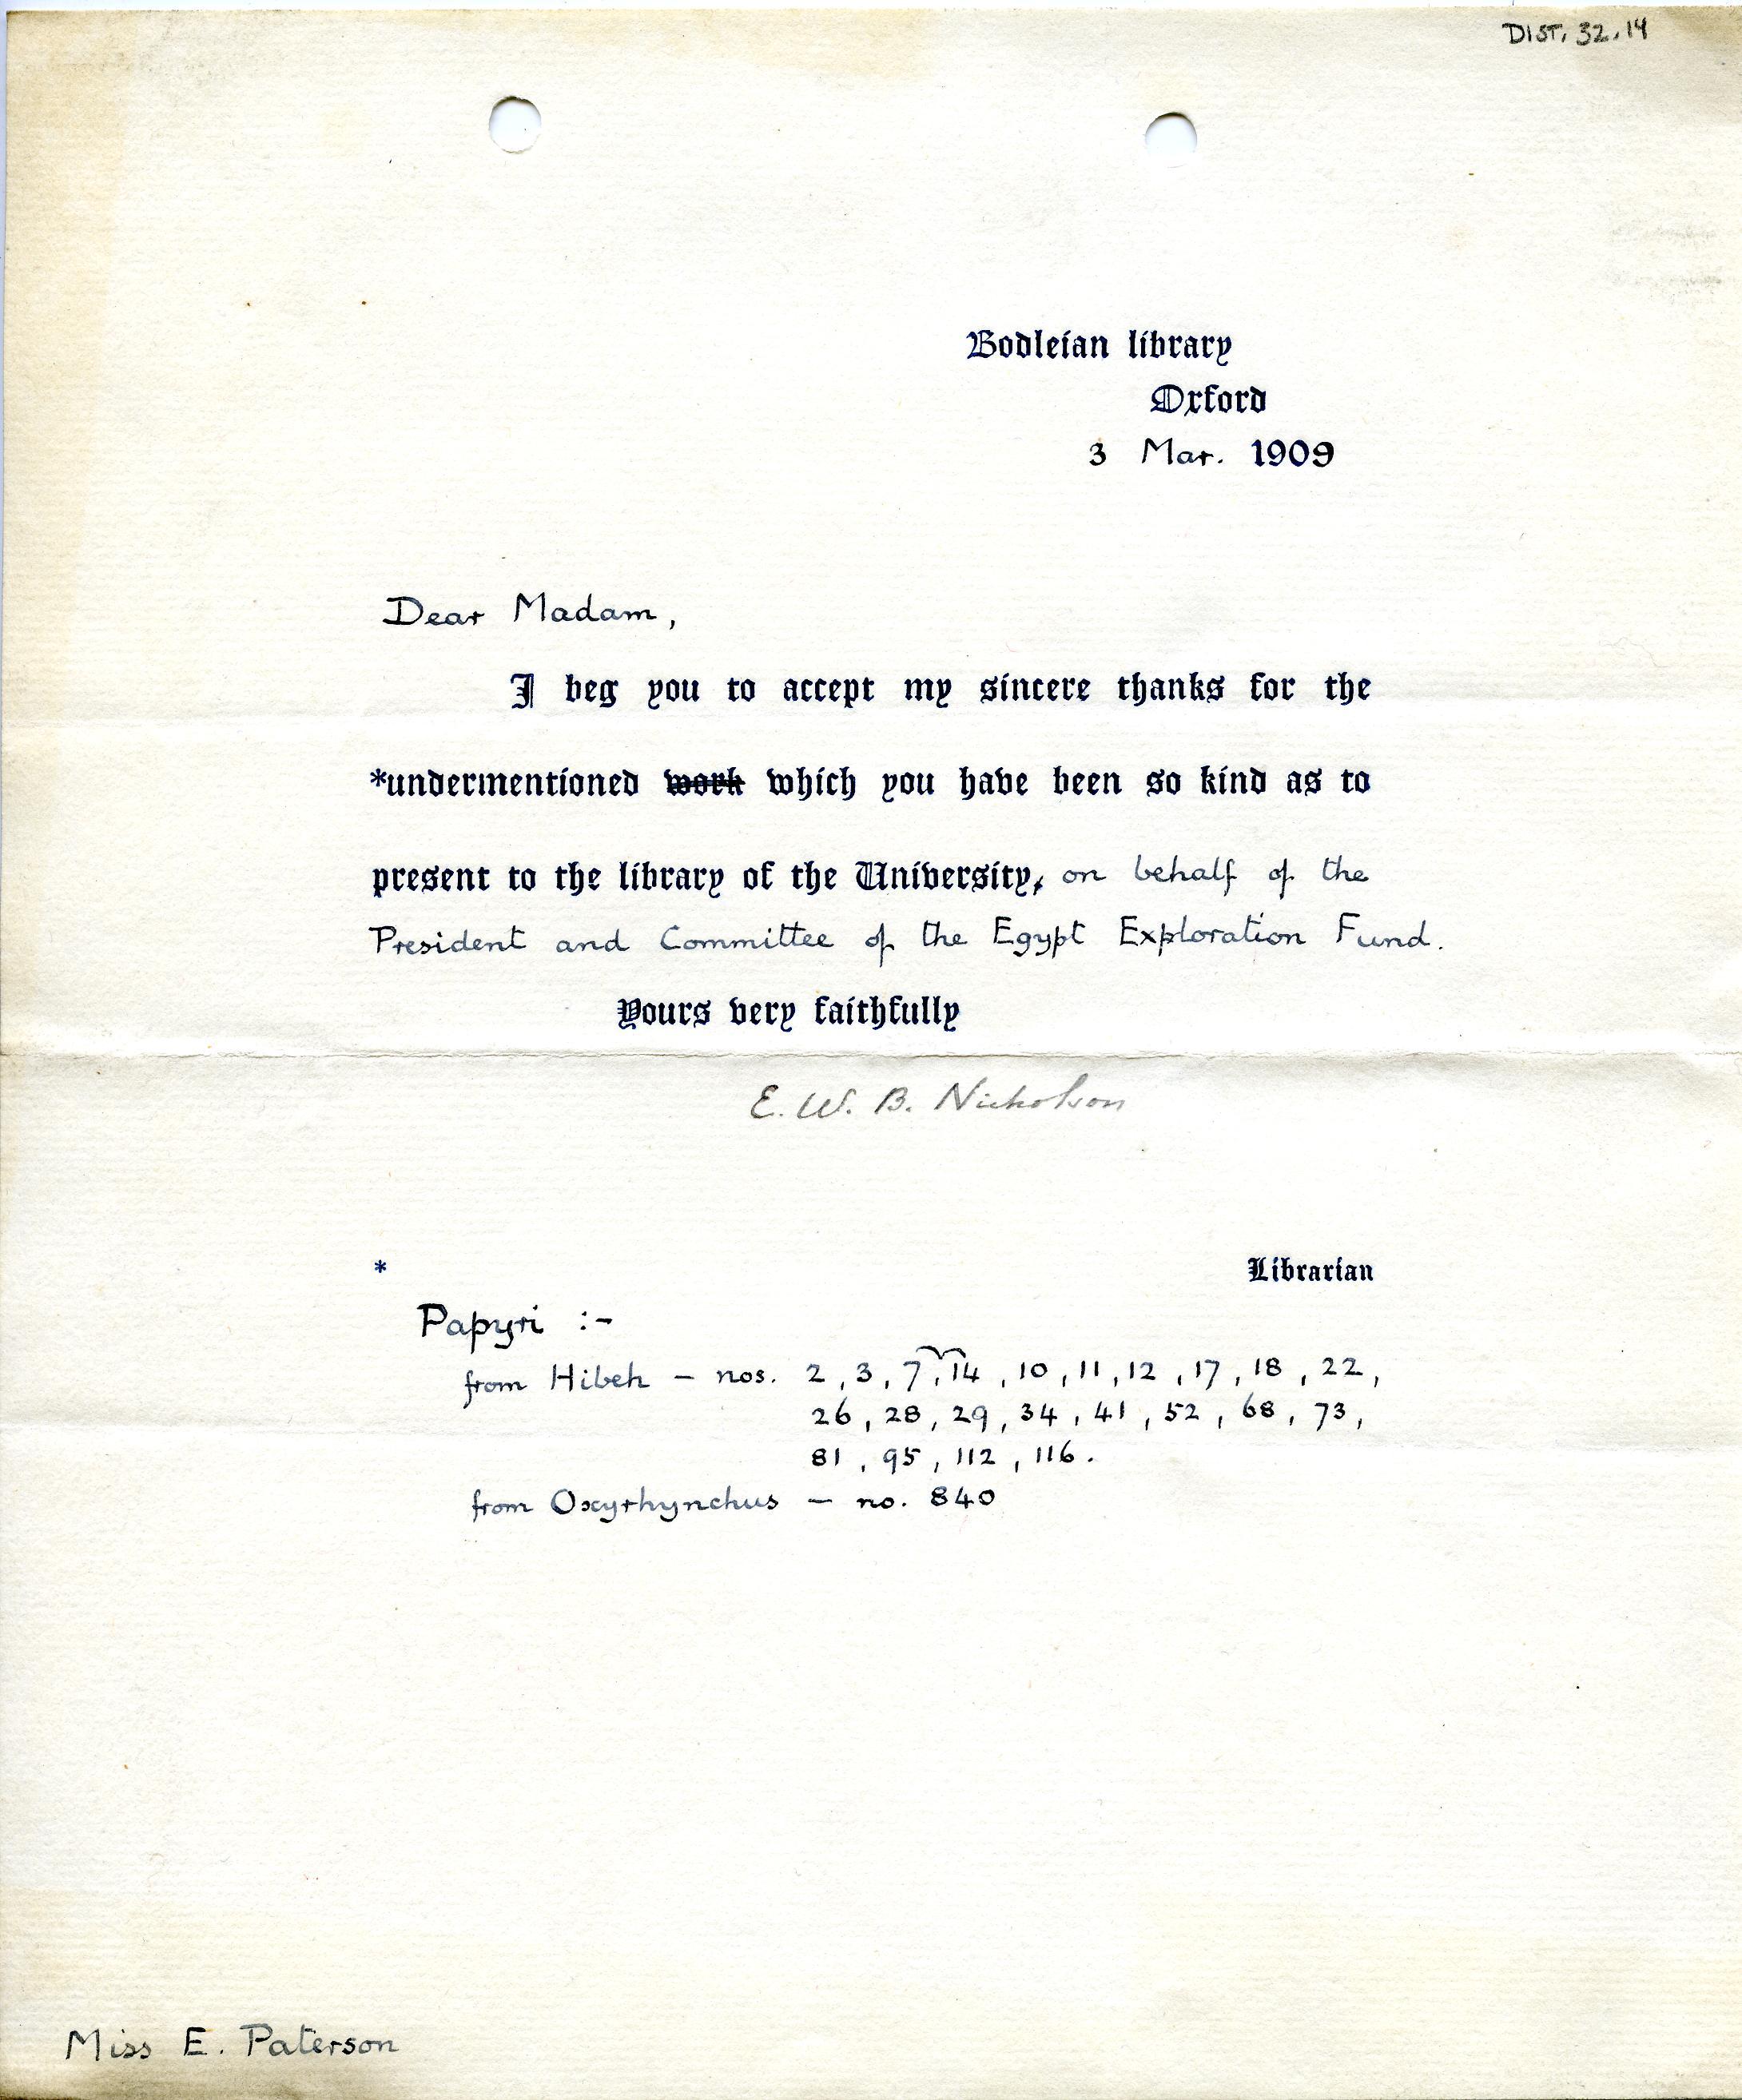 1908-13 Papyri DIST.32.14a